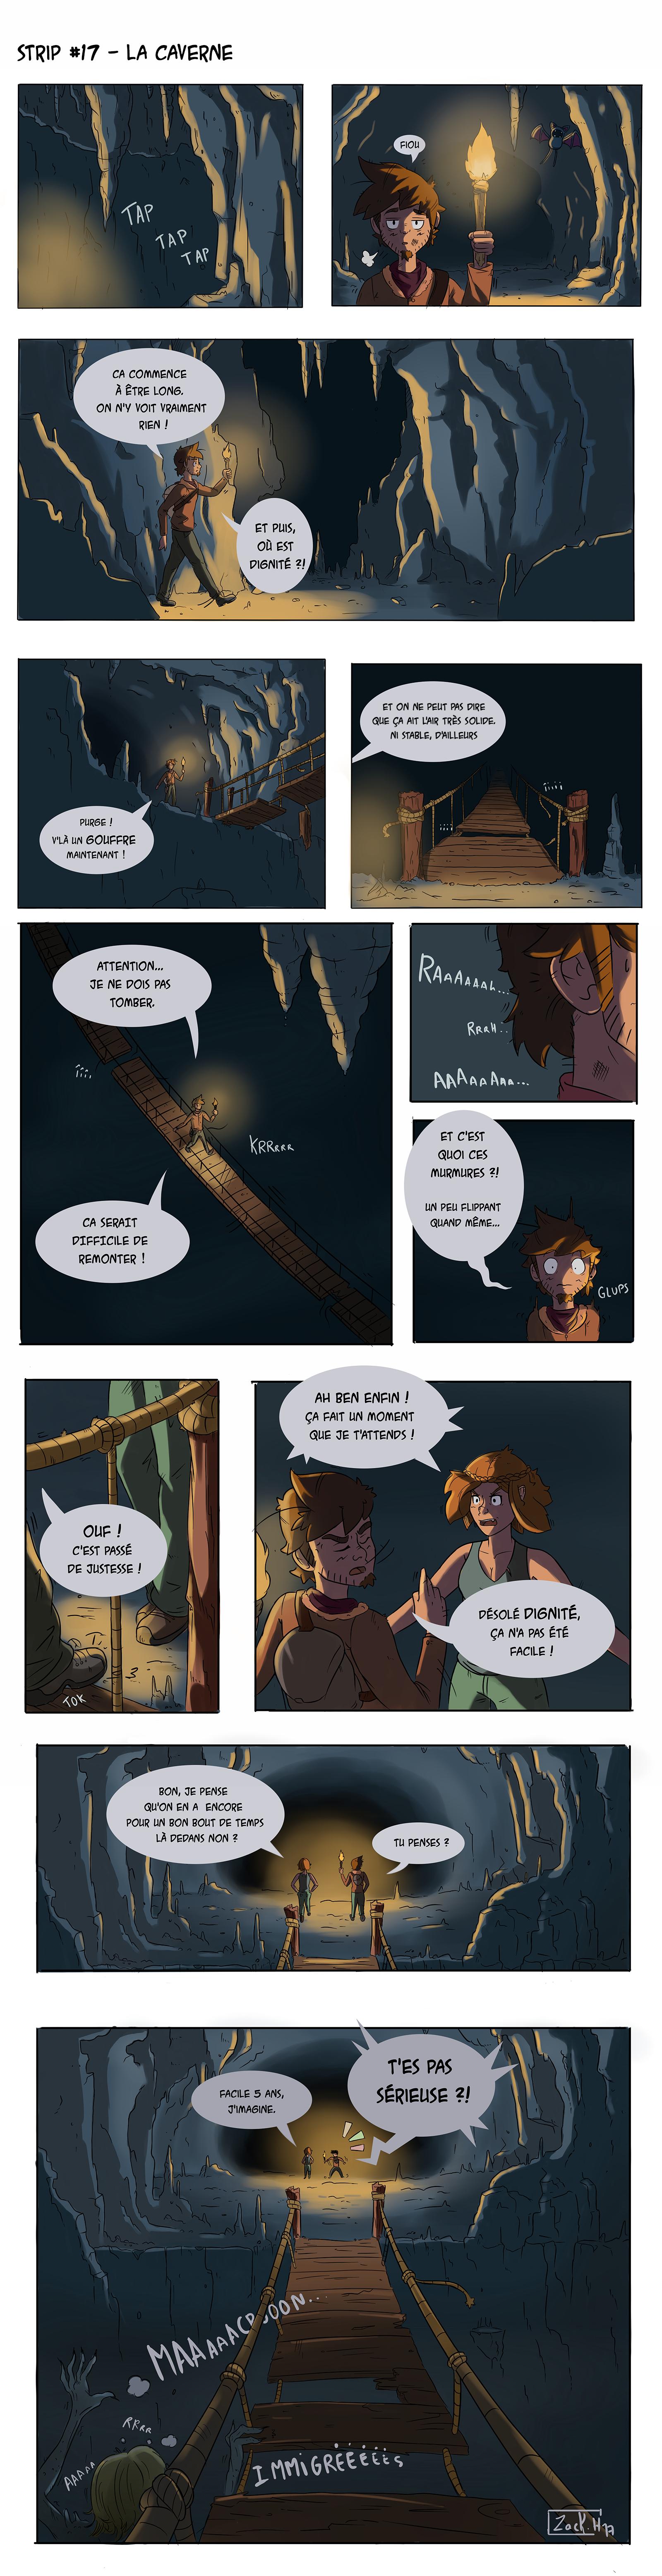 Strip 17 - Comme dans une caverne